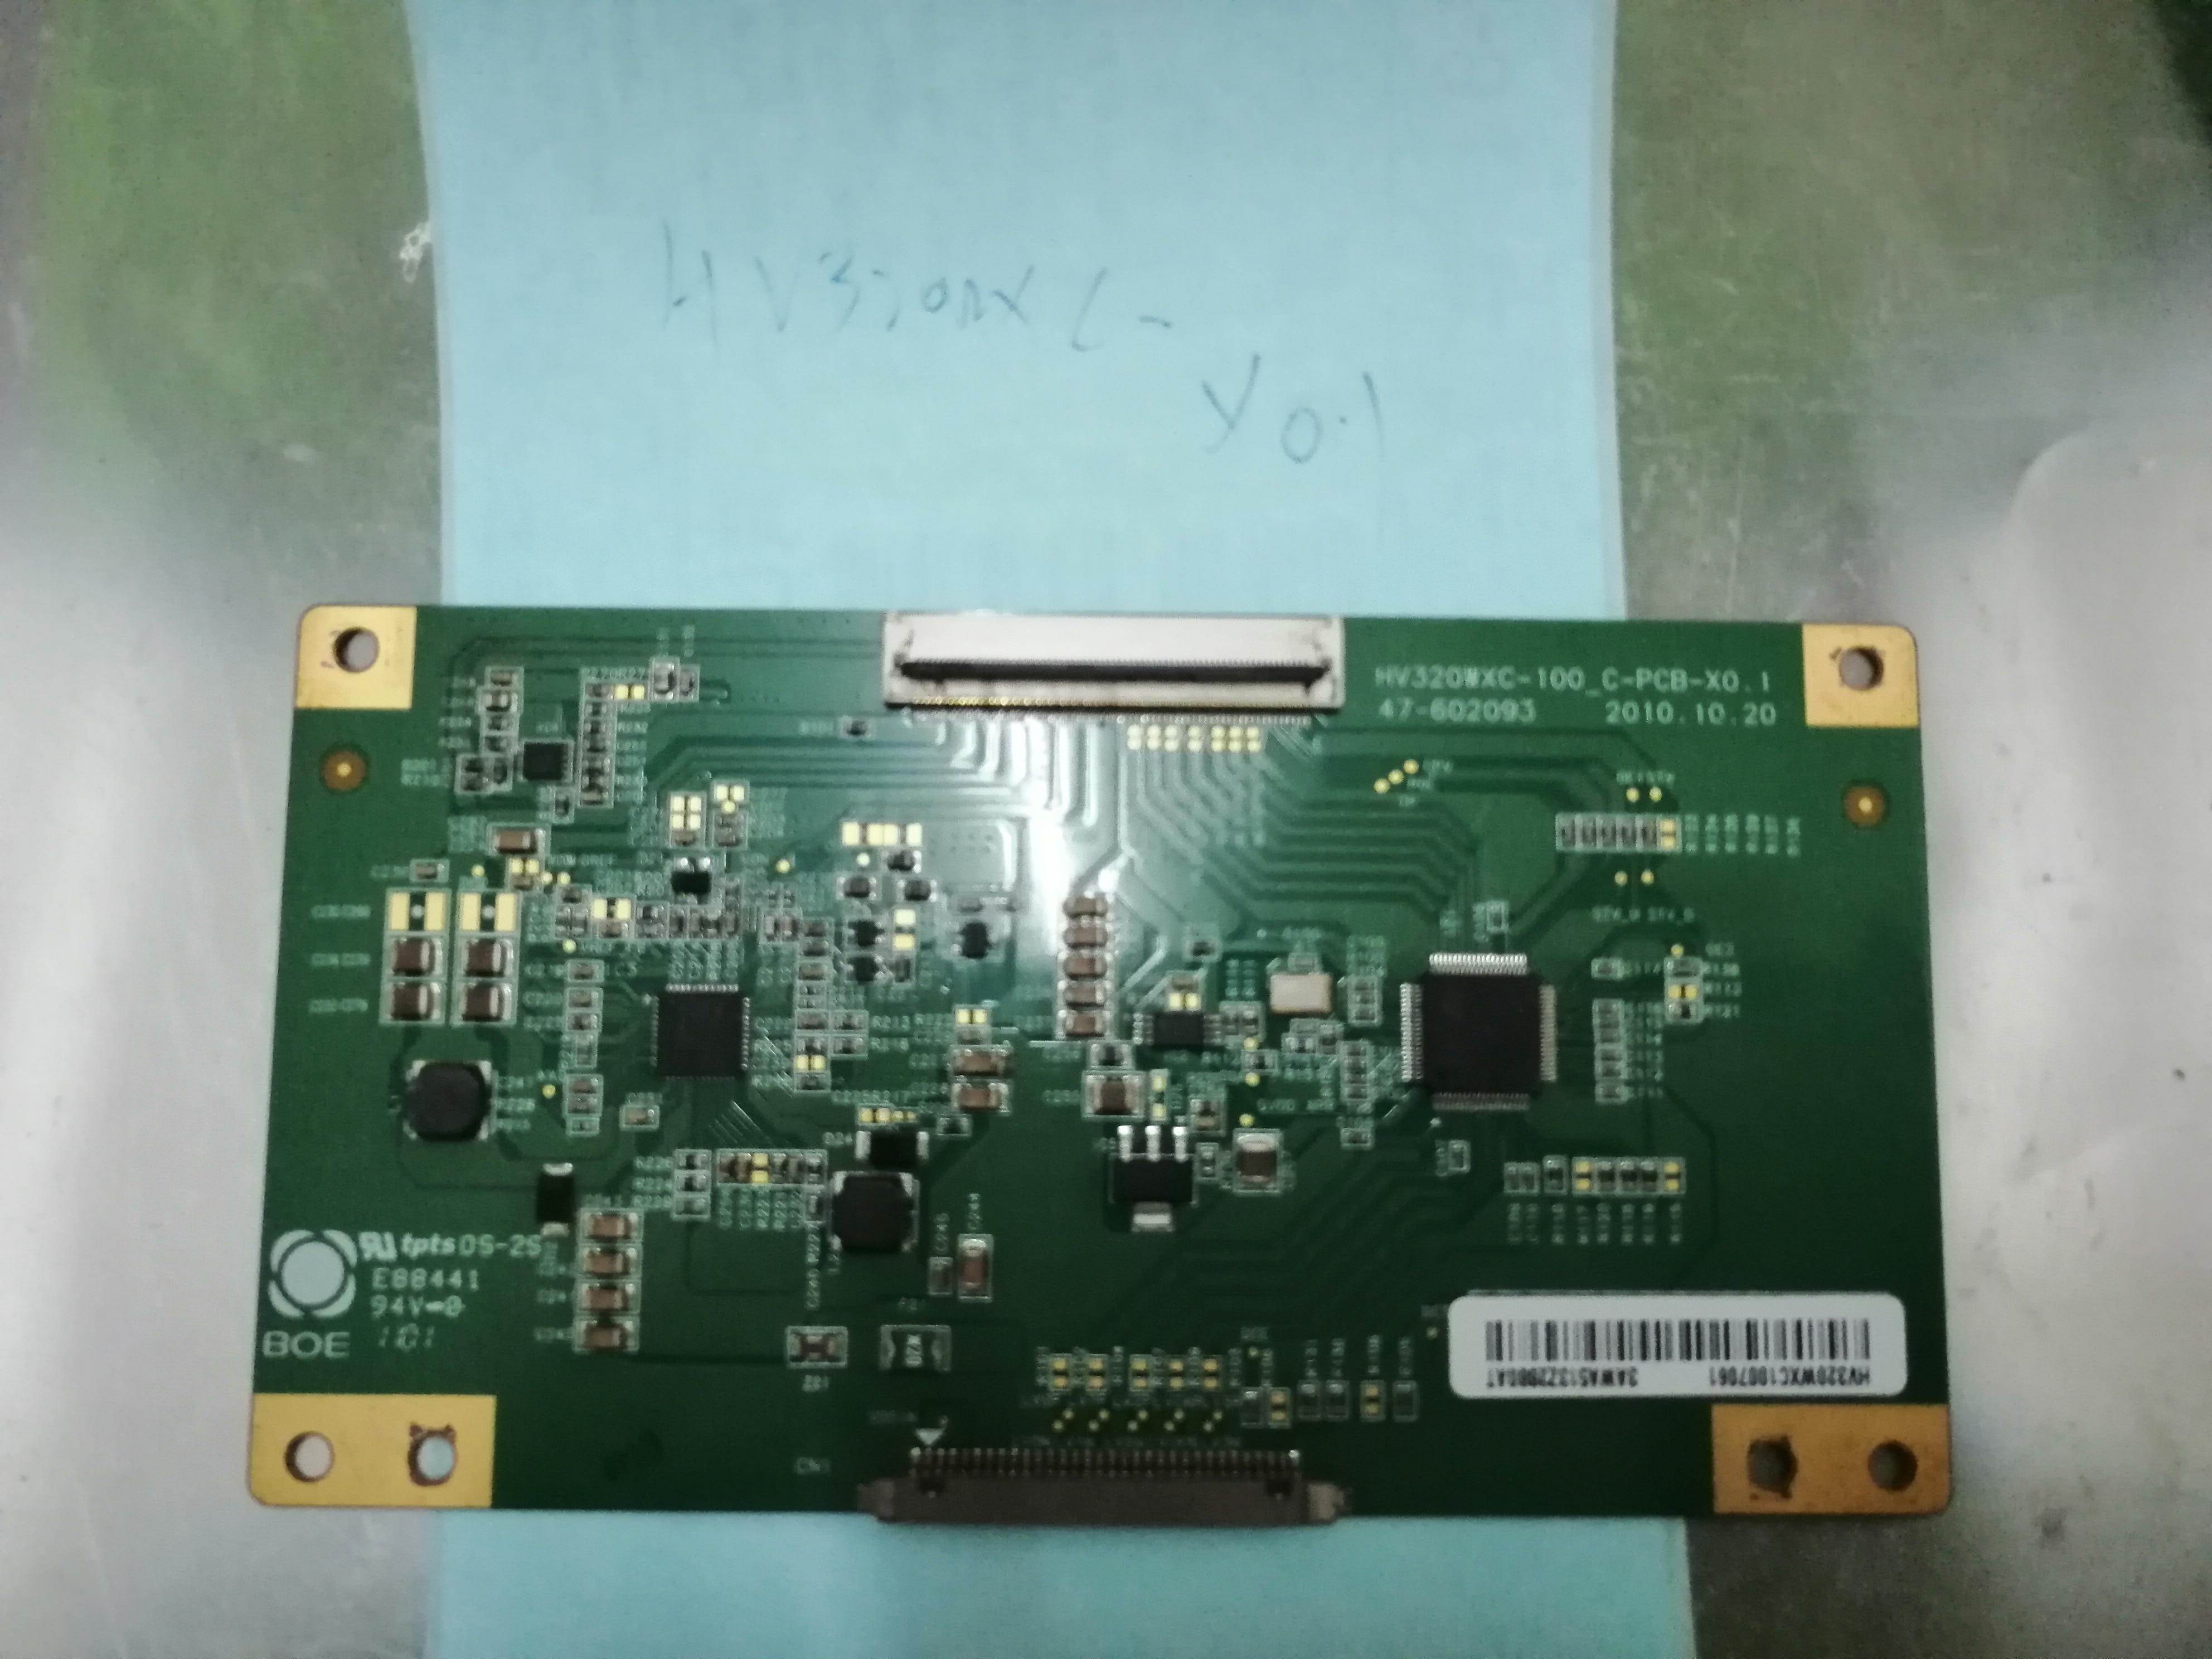 HV320WXC-100_C-PCB-X0.1 لوحة المنطق الاتصال مع لوحة توصيل T-CON